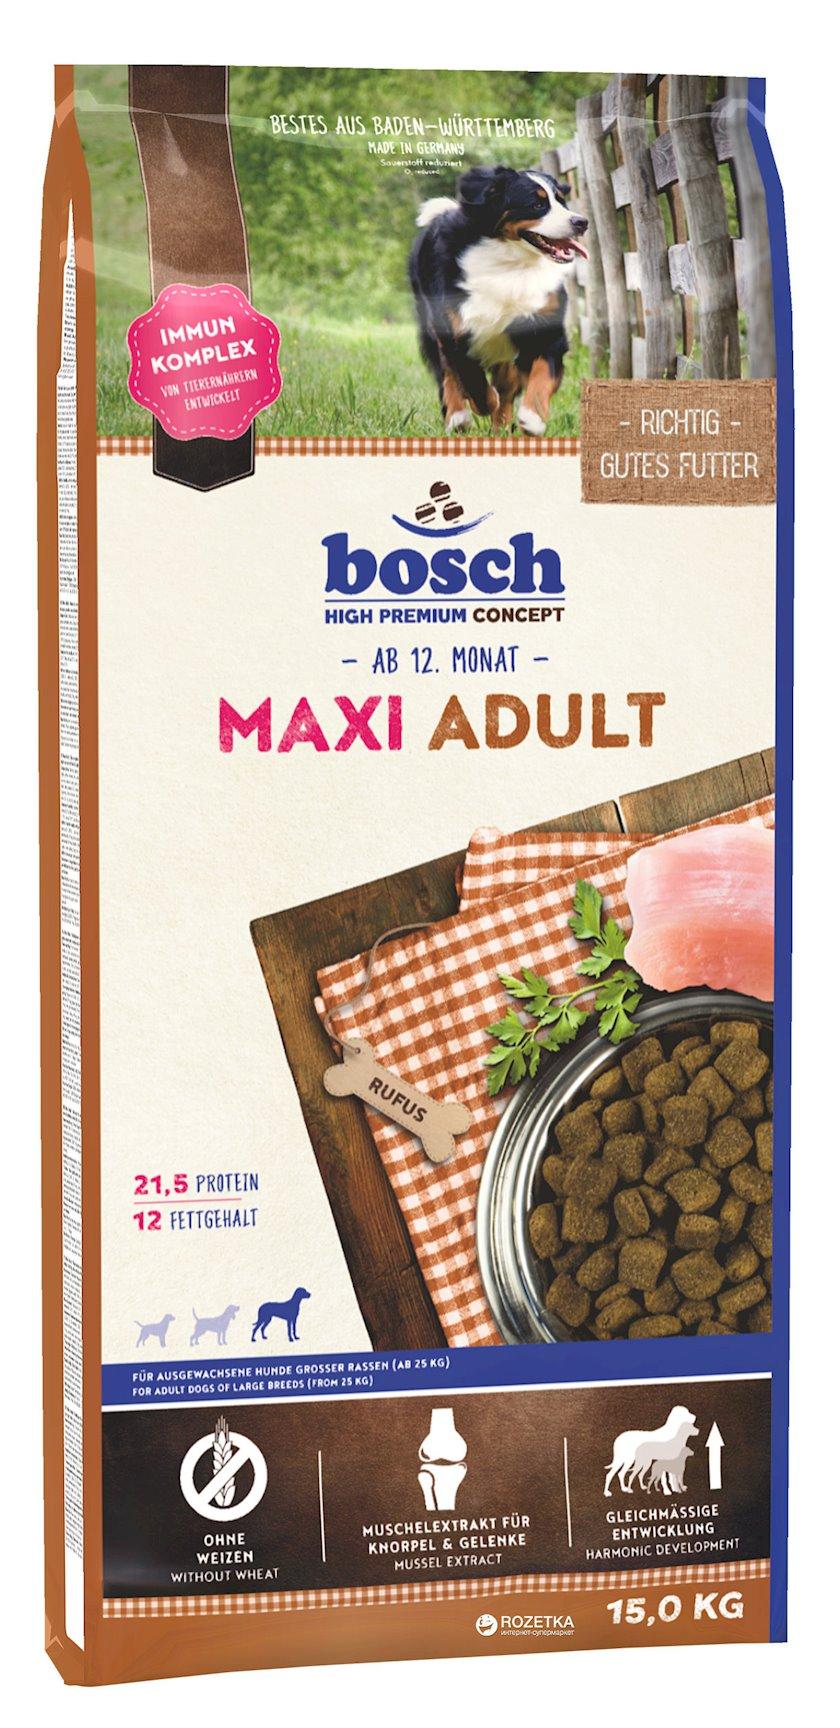 Quru yem Bosch Maxi Adult iri ölçülü yetkin itlər üçün 30 kq-dan artıq ev quşu əti ilə 15 kq